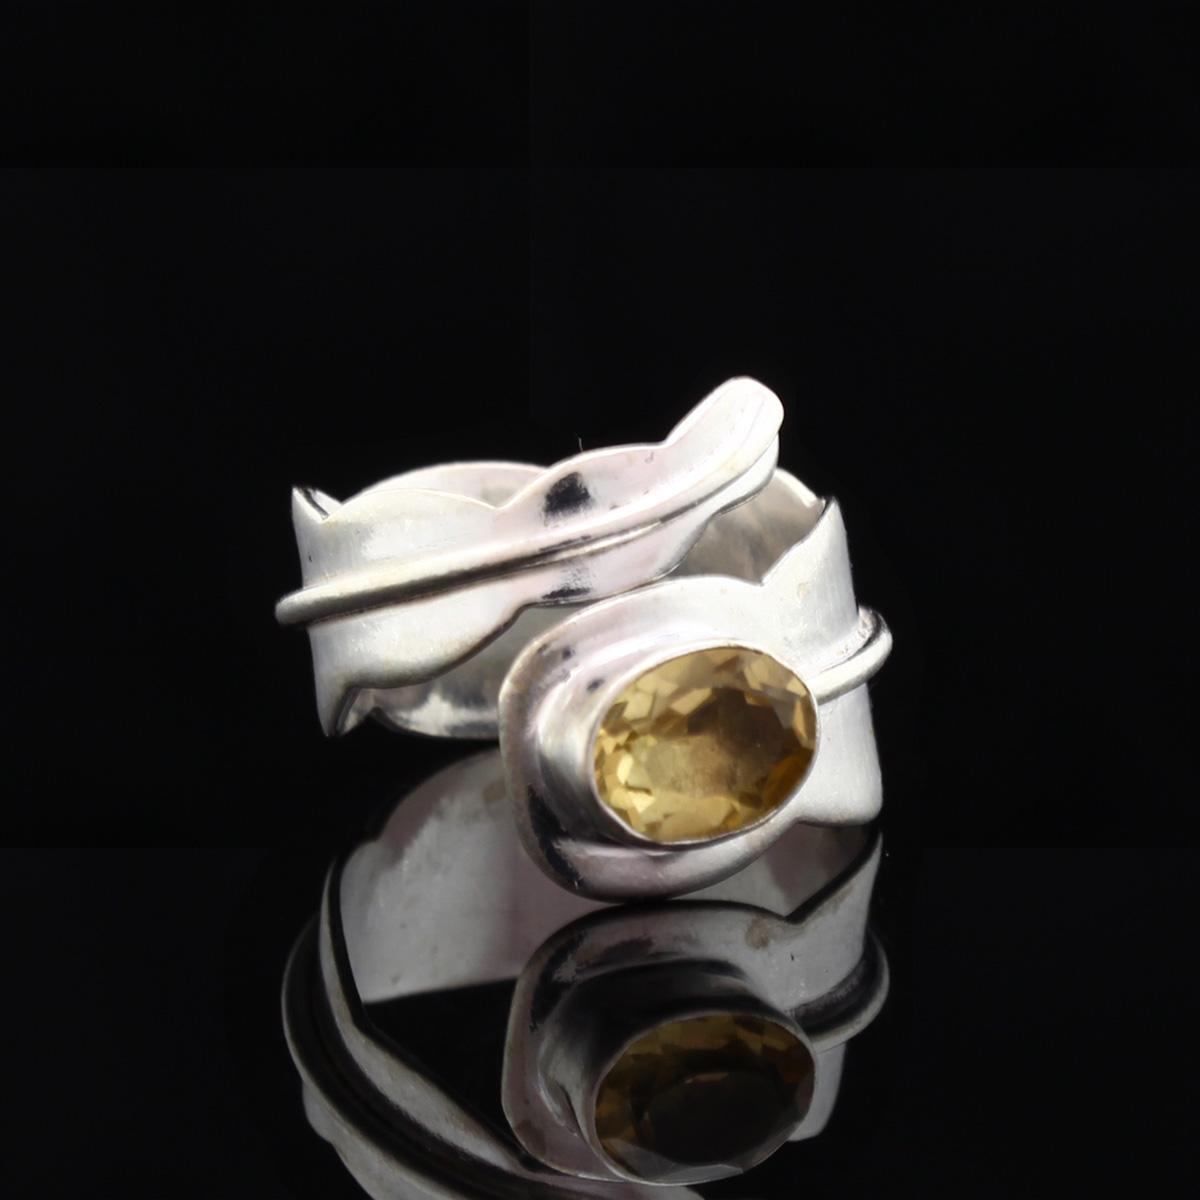 Кольцо, серебро, натуральный камень, Цитрин, 5.68 г, проба 875, размер 17